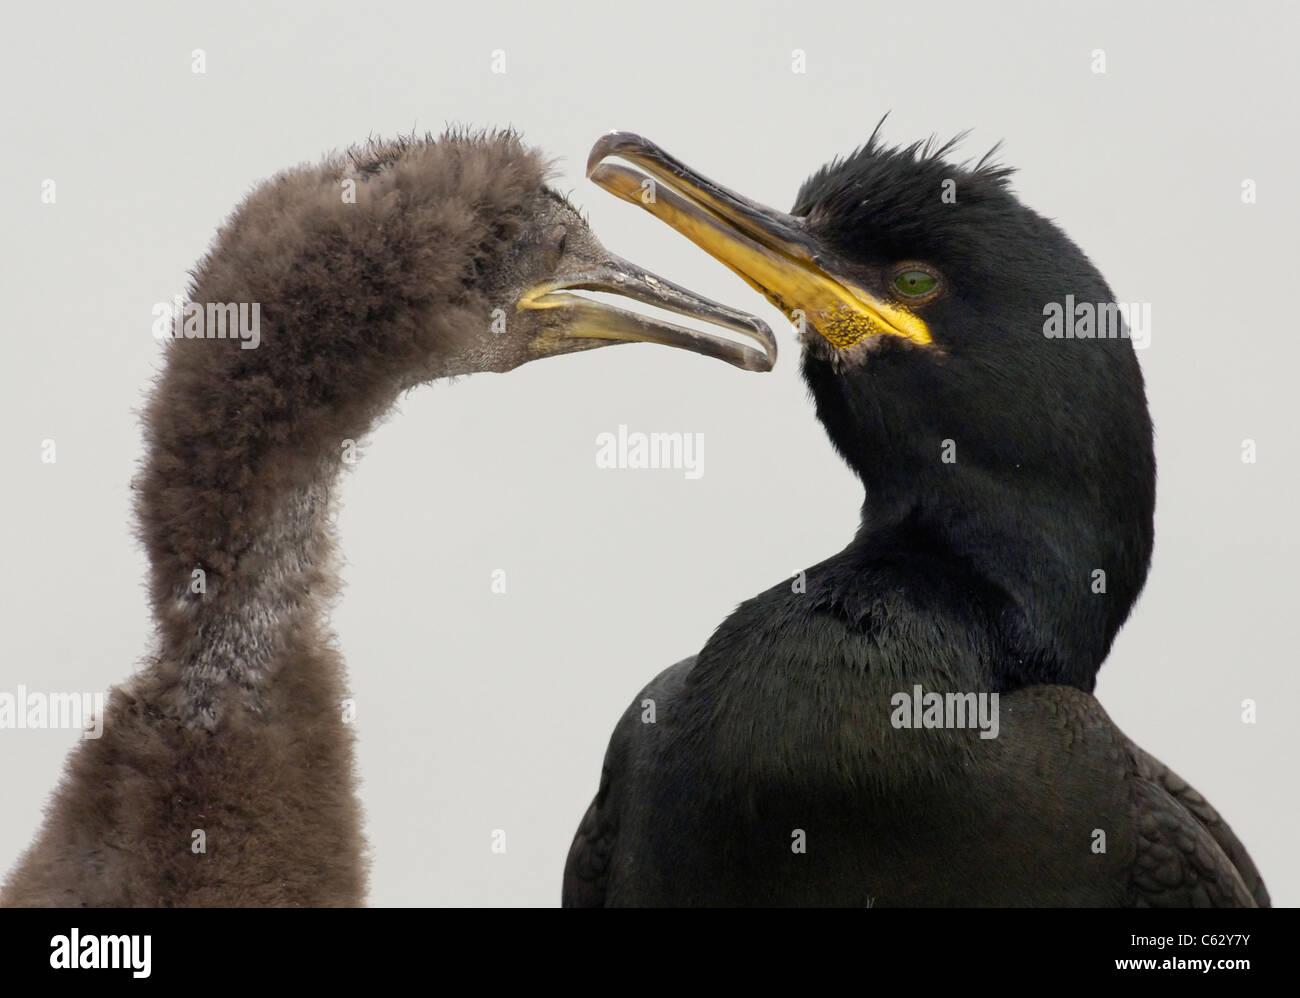 El cormorán moñudo Phalacrocorax Aristóteles un adulto y está creciendo chick contra un blanco lechoso cielo nublado Foto de stock